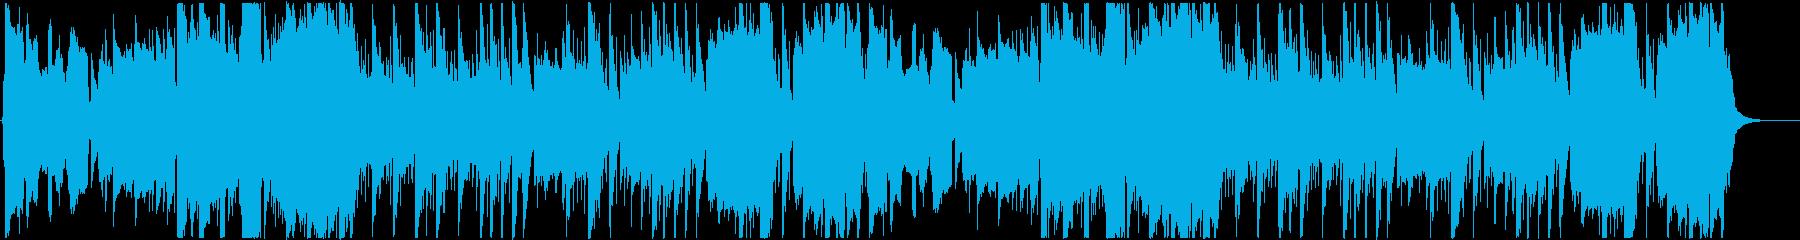 バグパイプ・田舎っぽいBGMの再生済みの波形